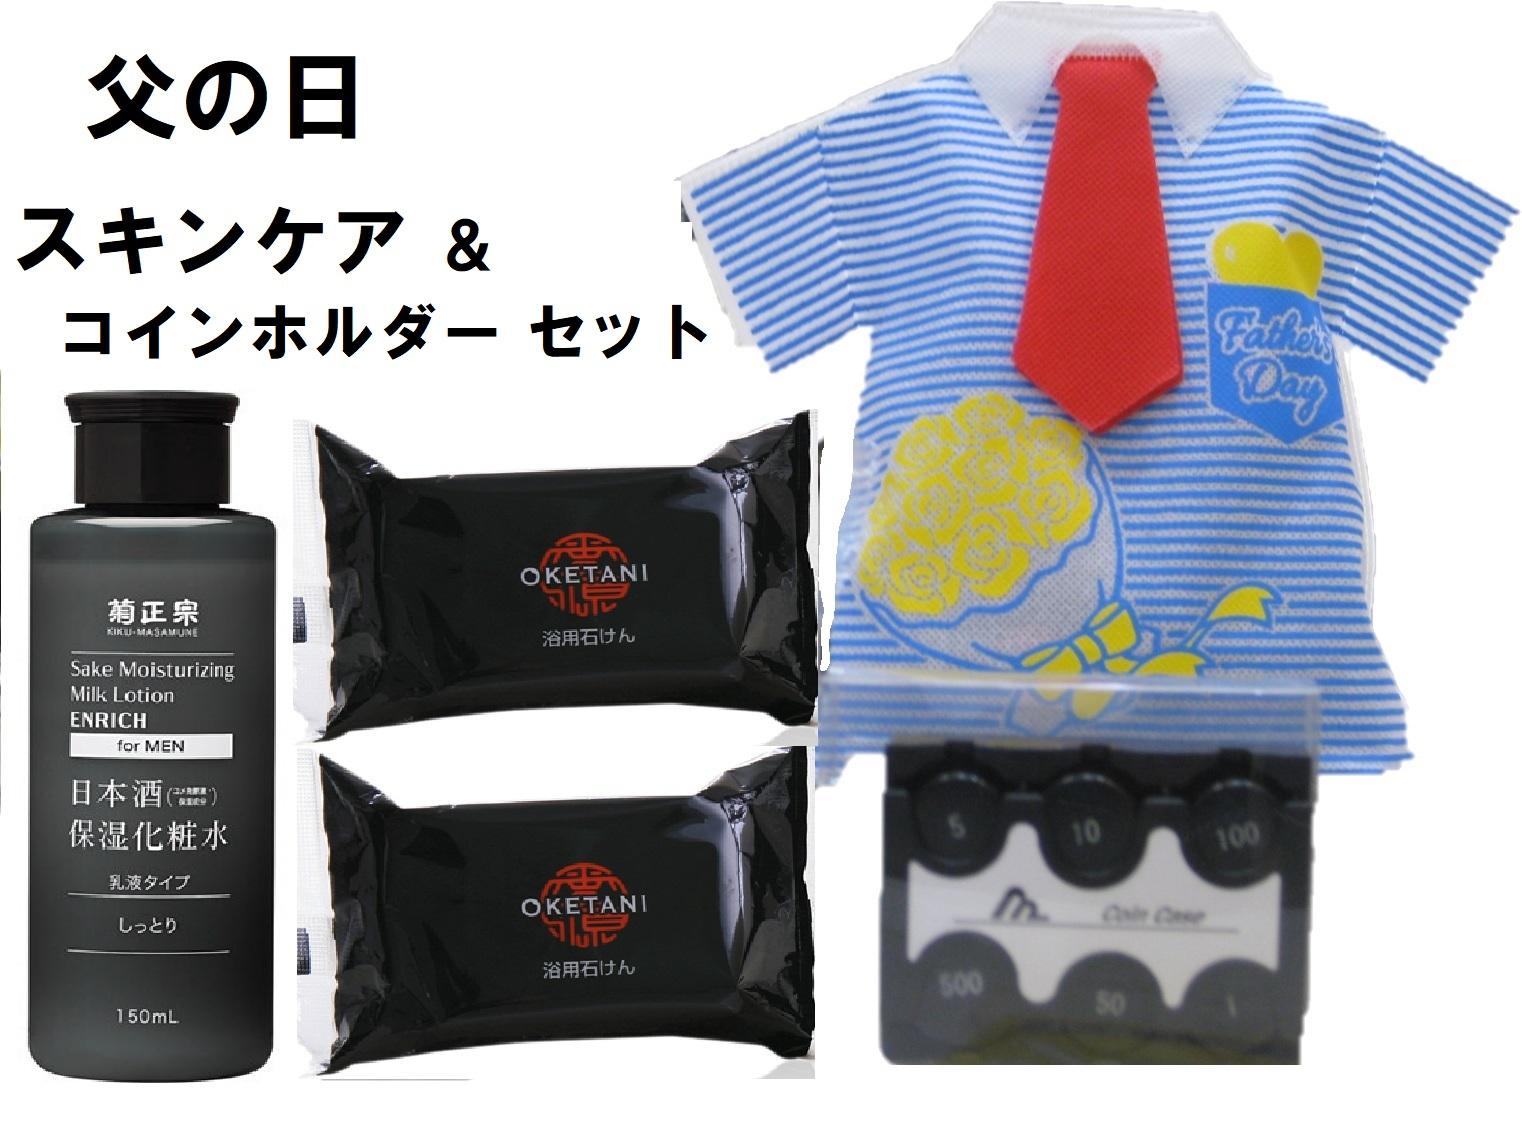 父の日ギフト・日本酒化粧水、浴用石けん、コインケース